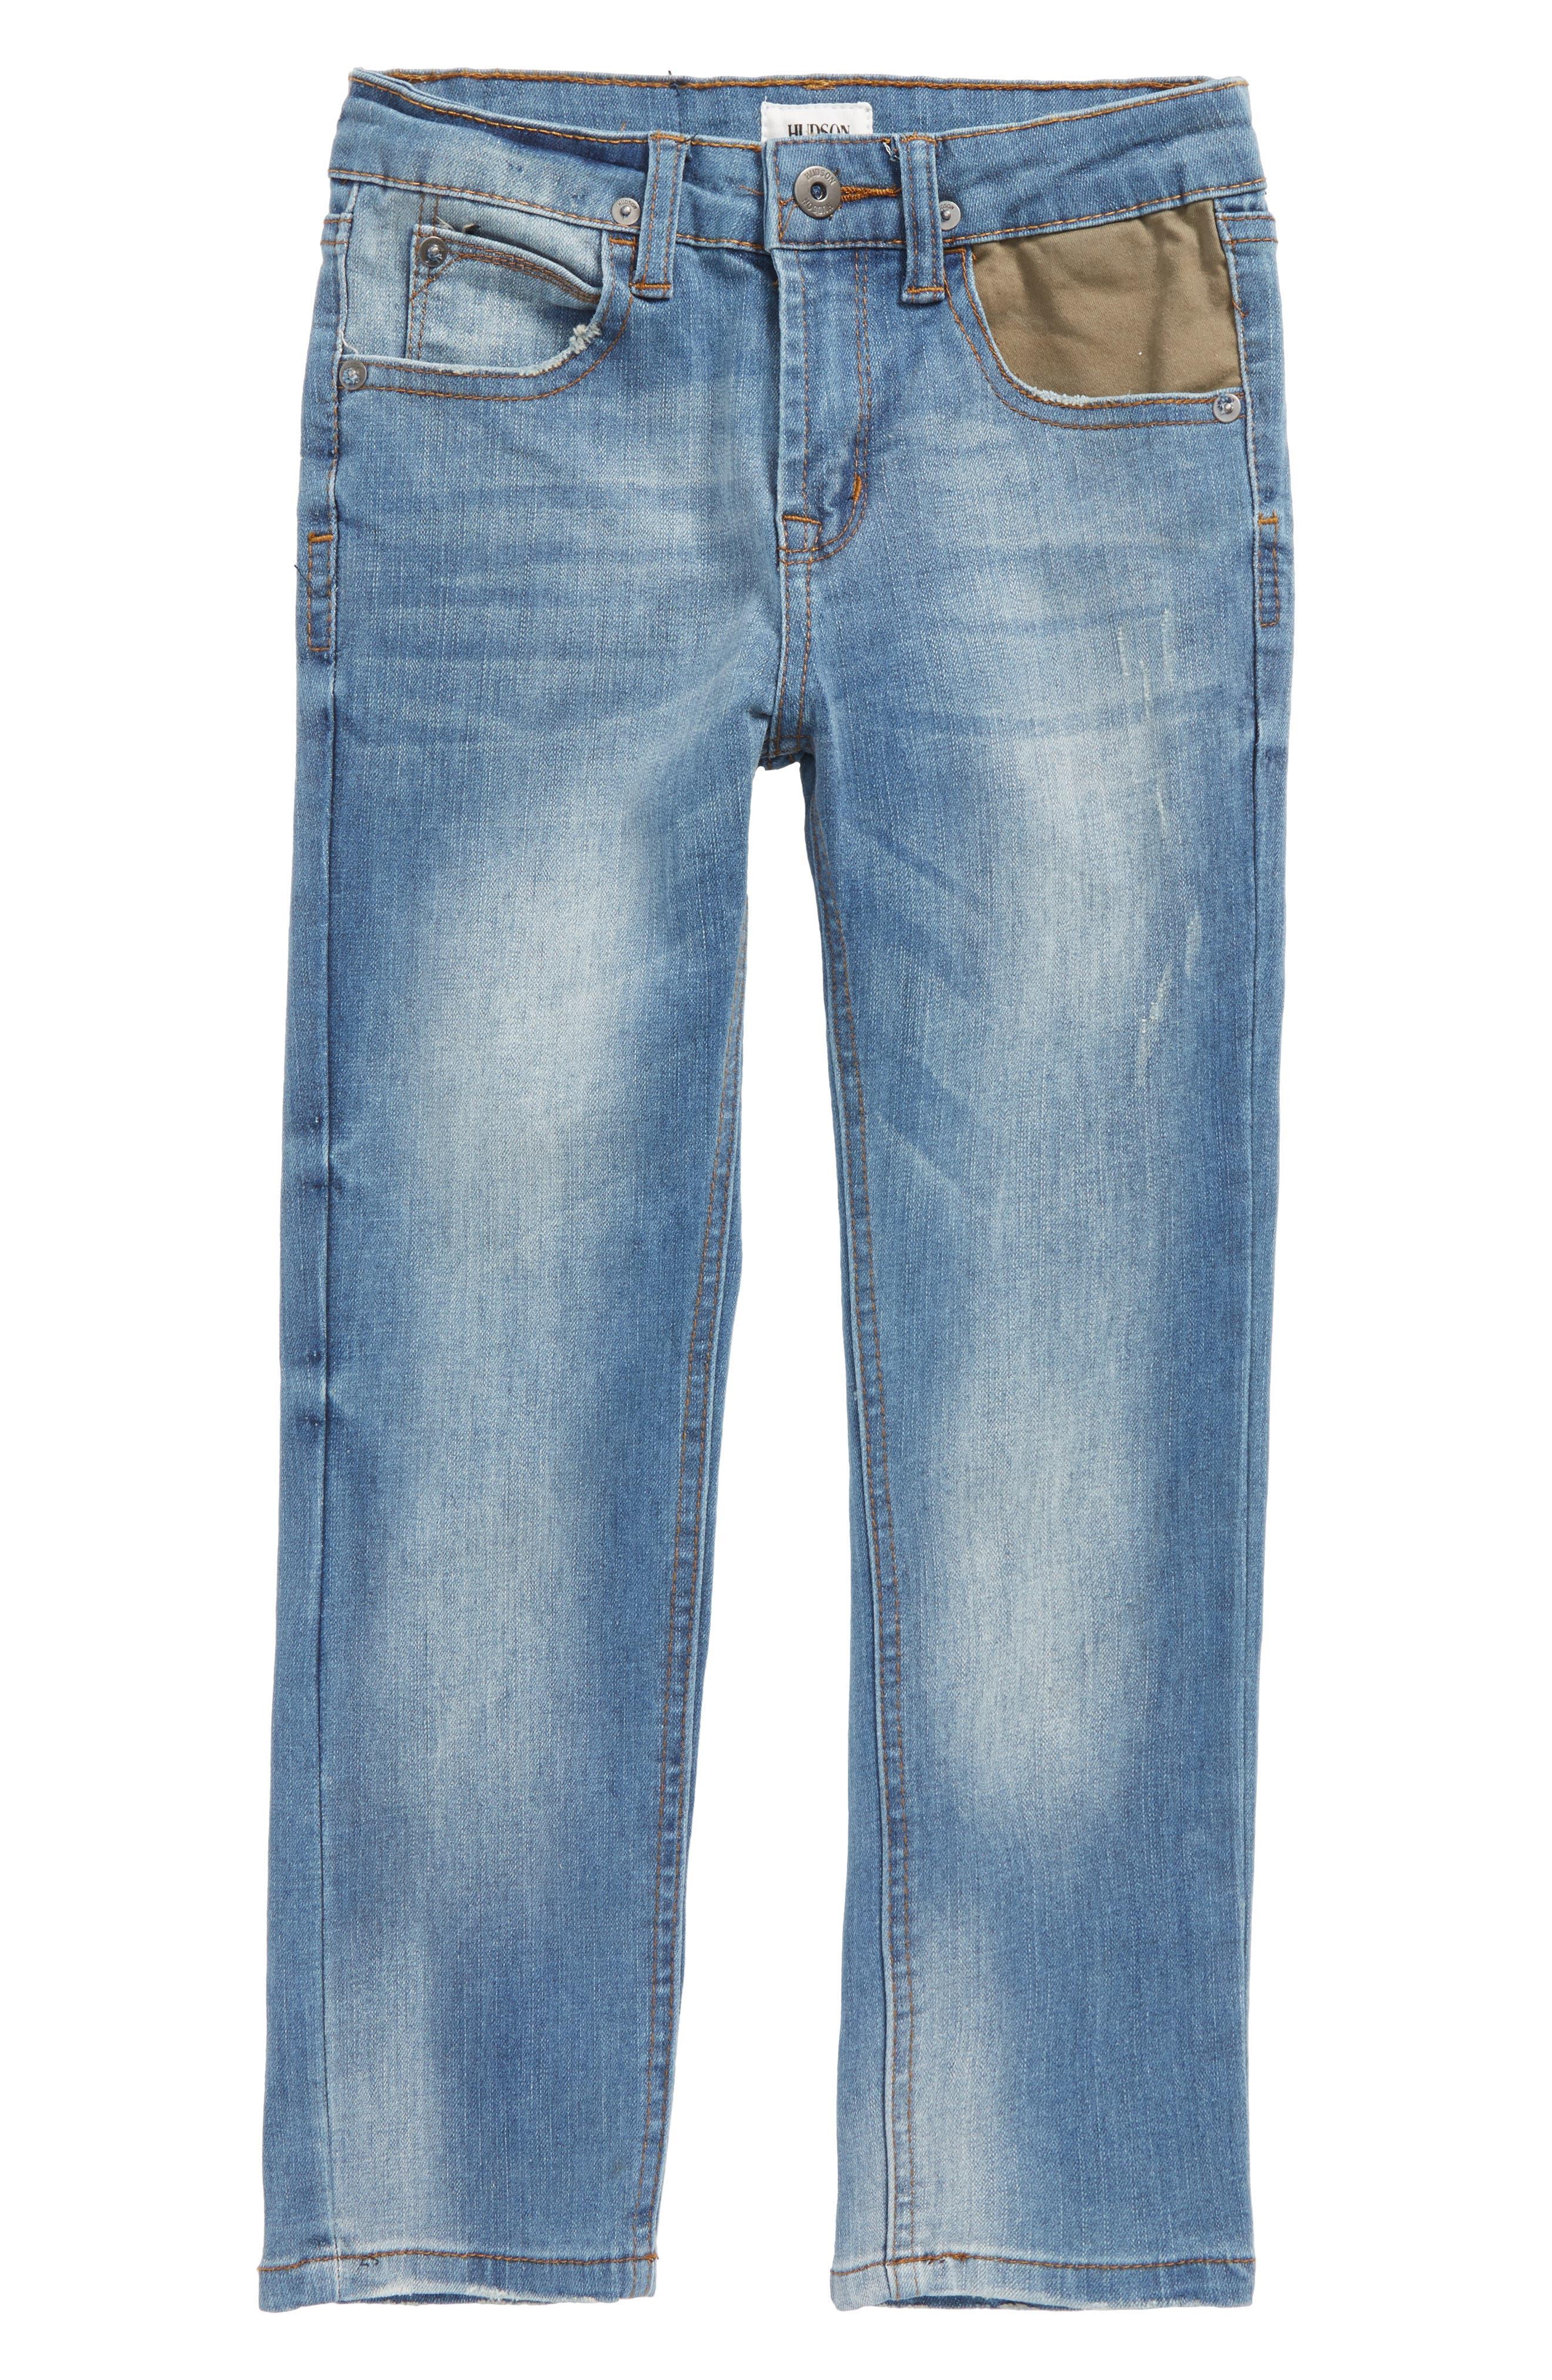 Main Image - Hudson Kids Jagger Slim Straight Leg Jeans (Toddler Boys & Little Boys)